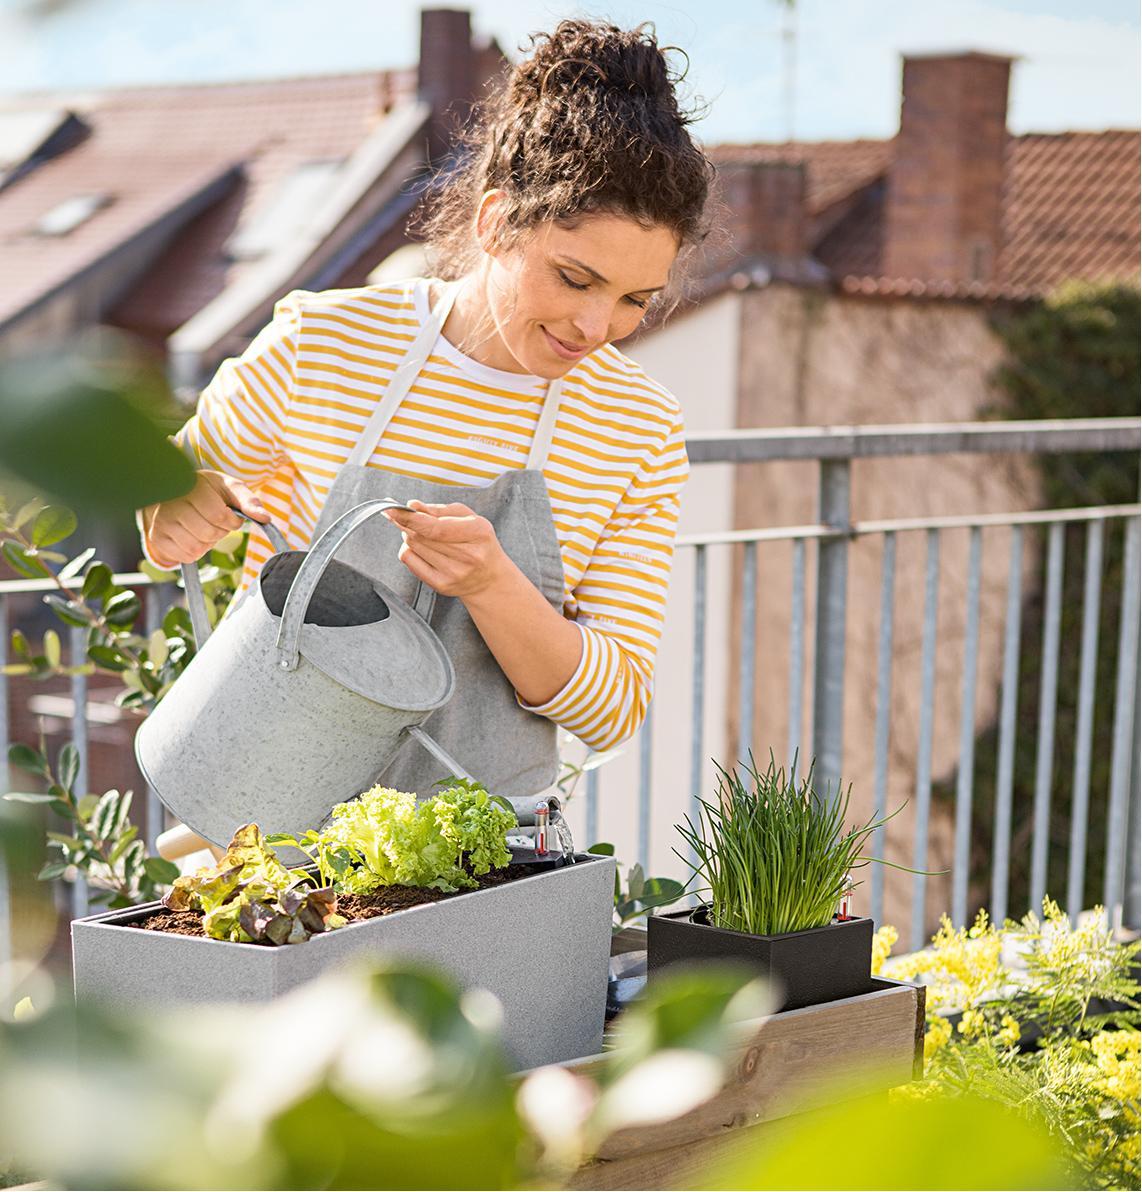 Una donna annaffia la sua insalata piantata